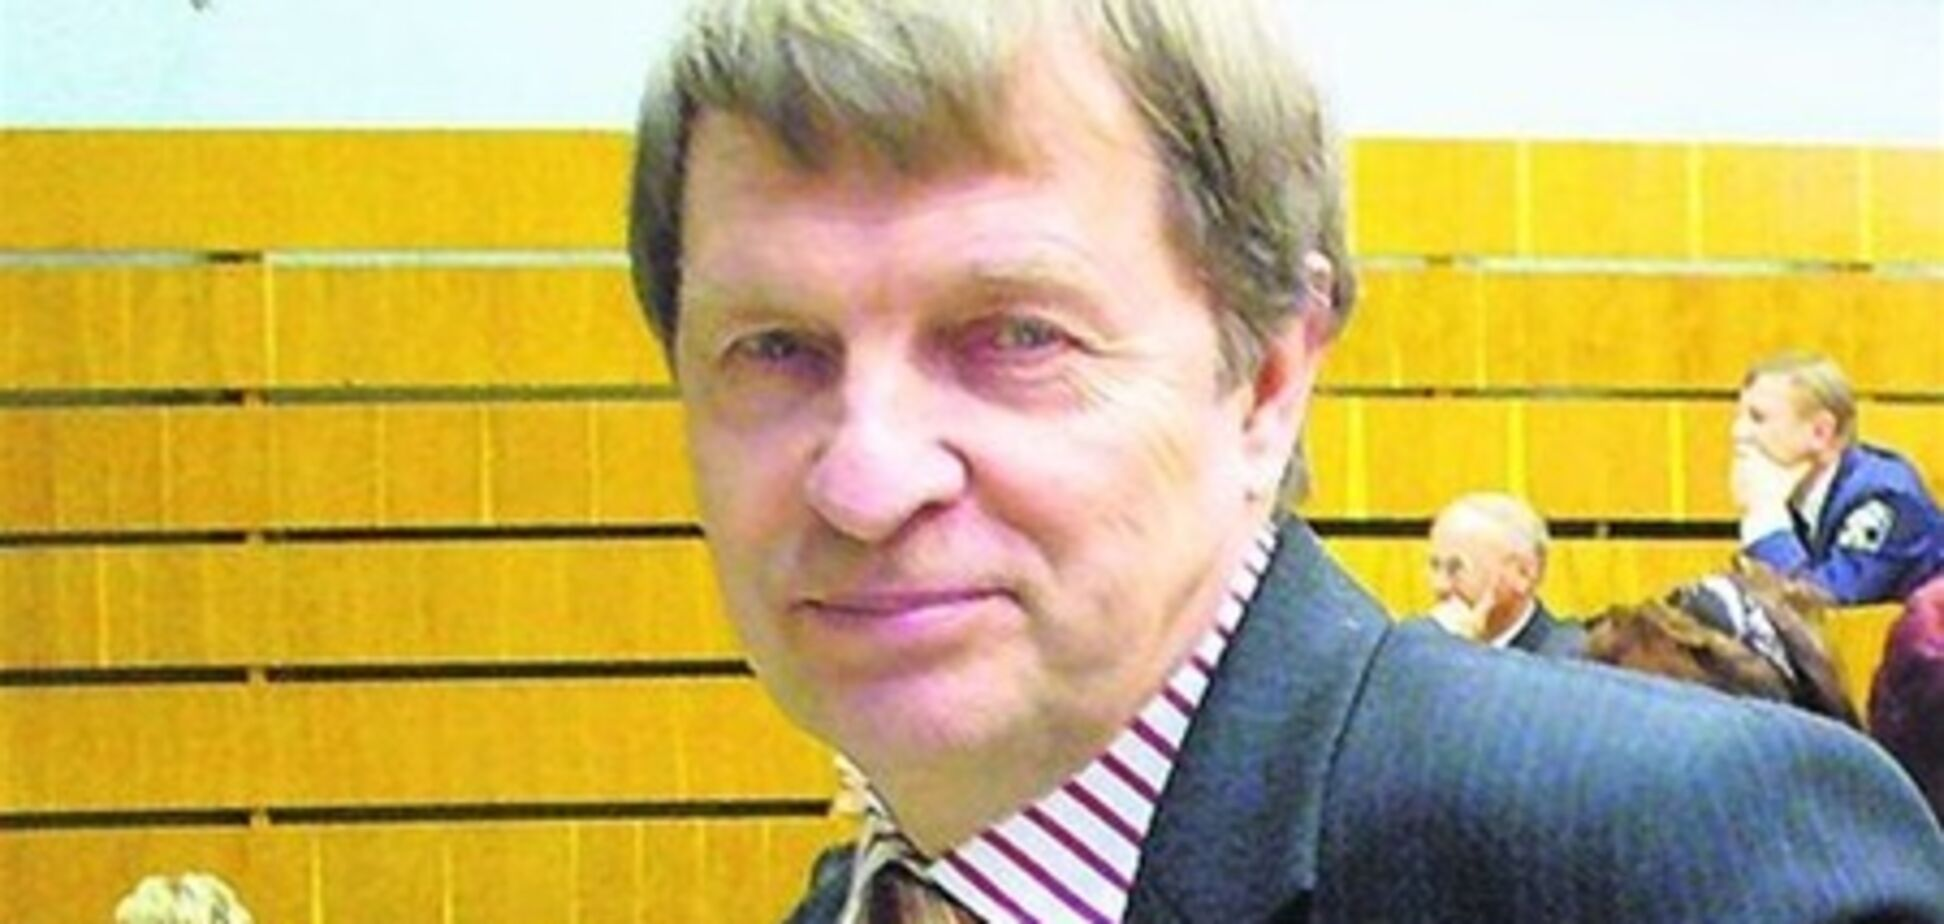 Зниклого журналіста Клементьєва вже шукають з космосу